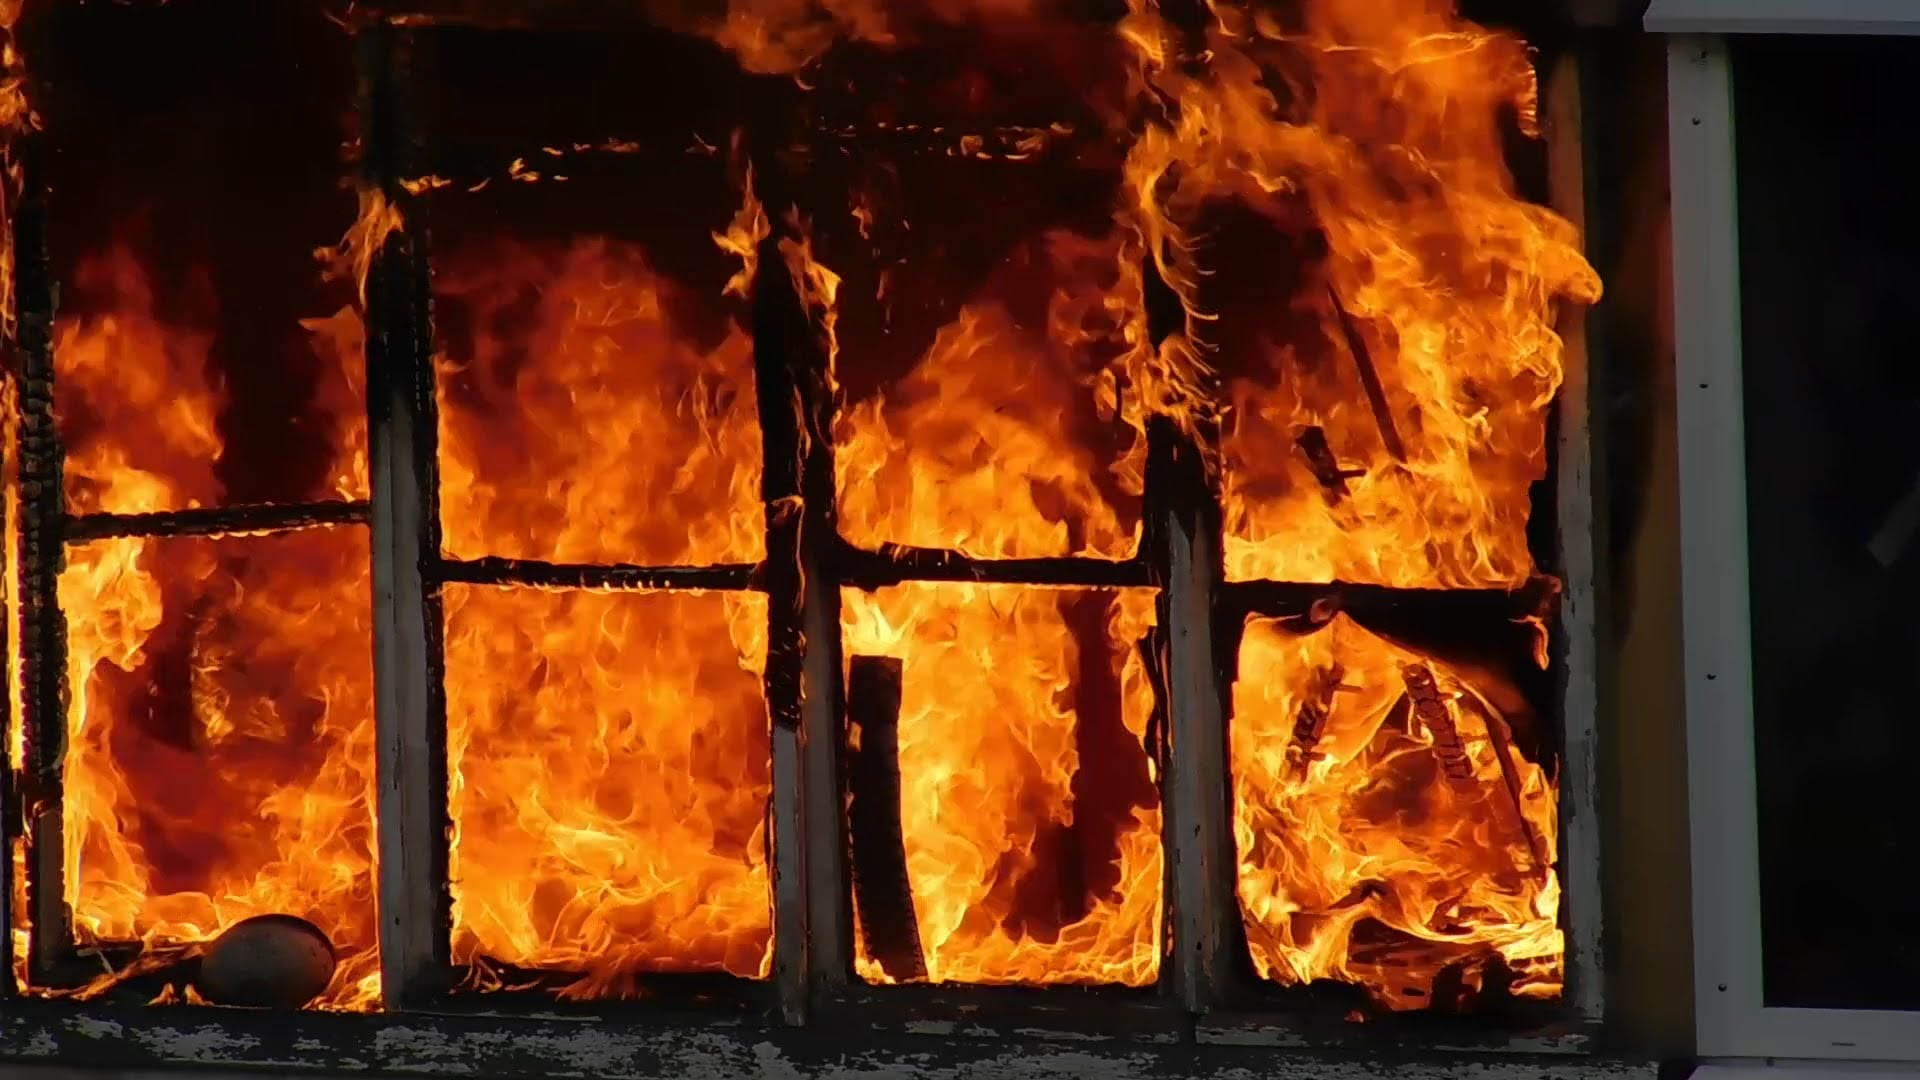 В Тверской области мигрант поджёг дом, пытаясь убить женщину и пятерых детей